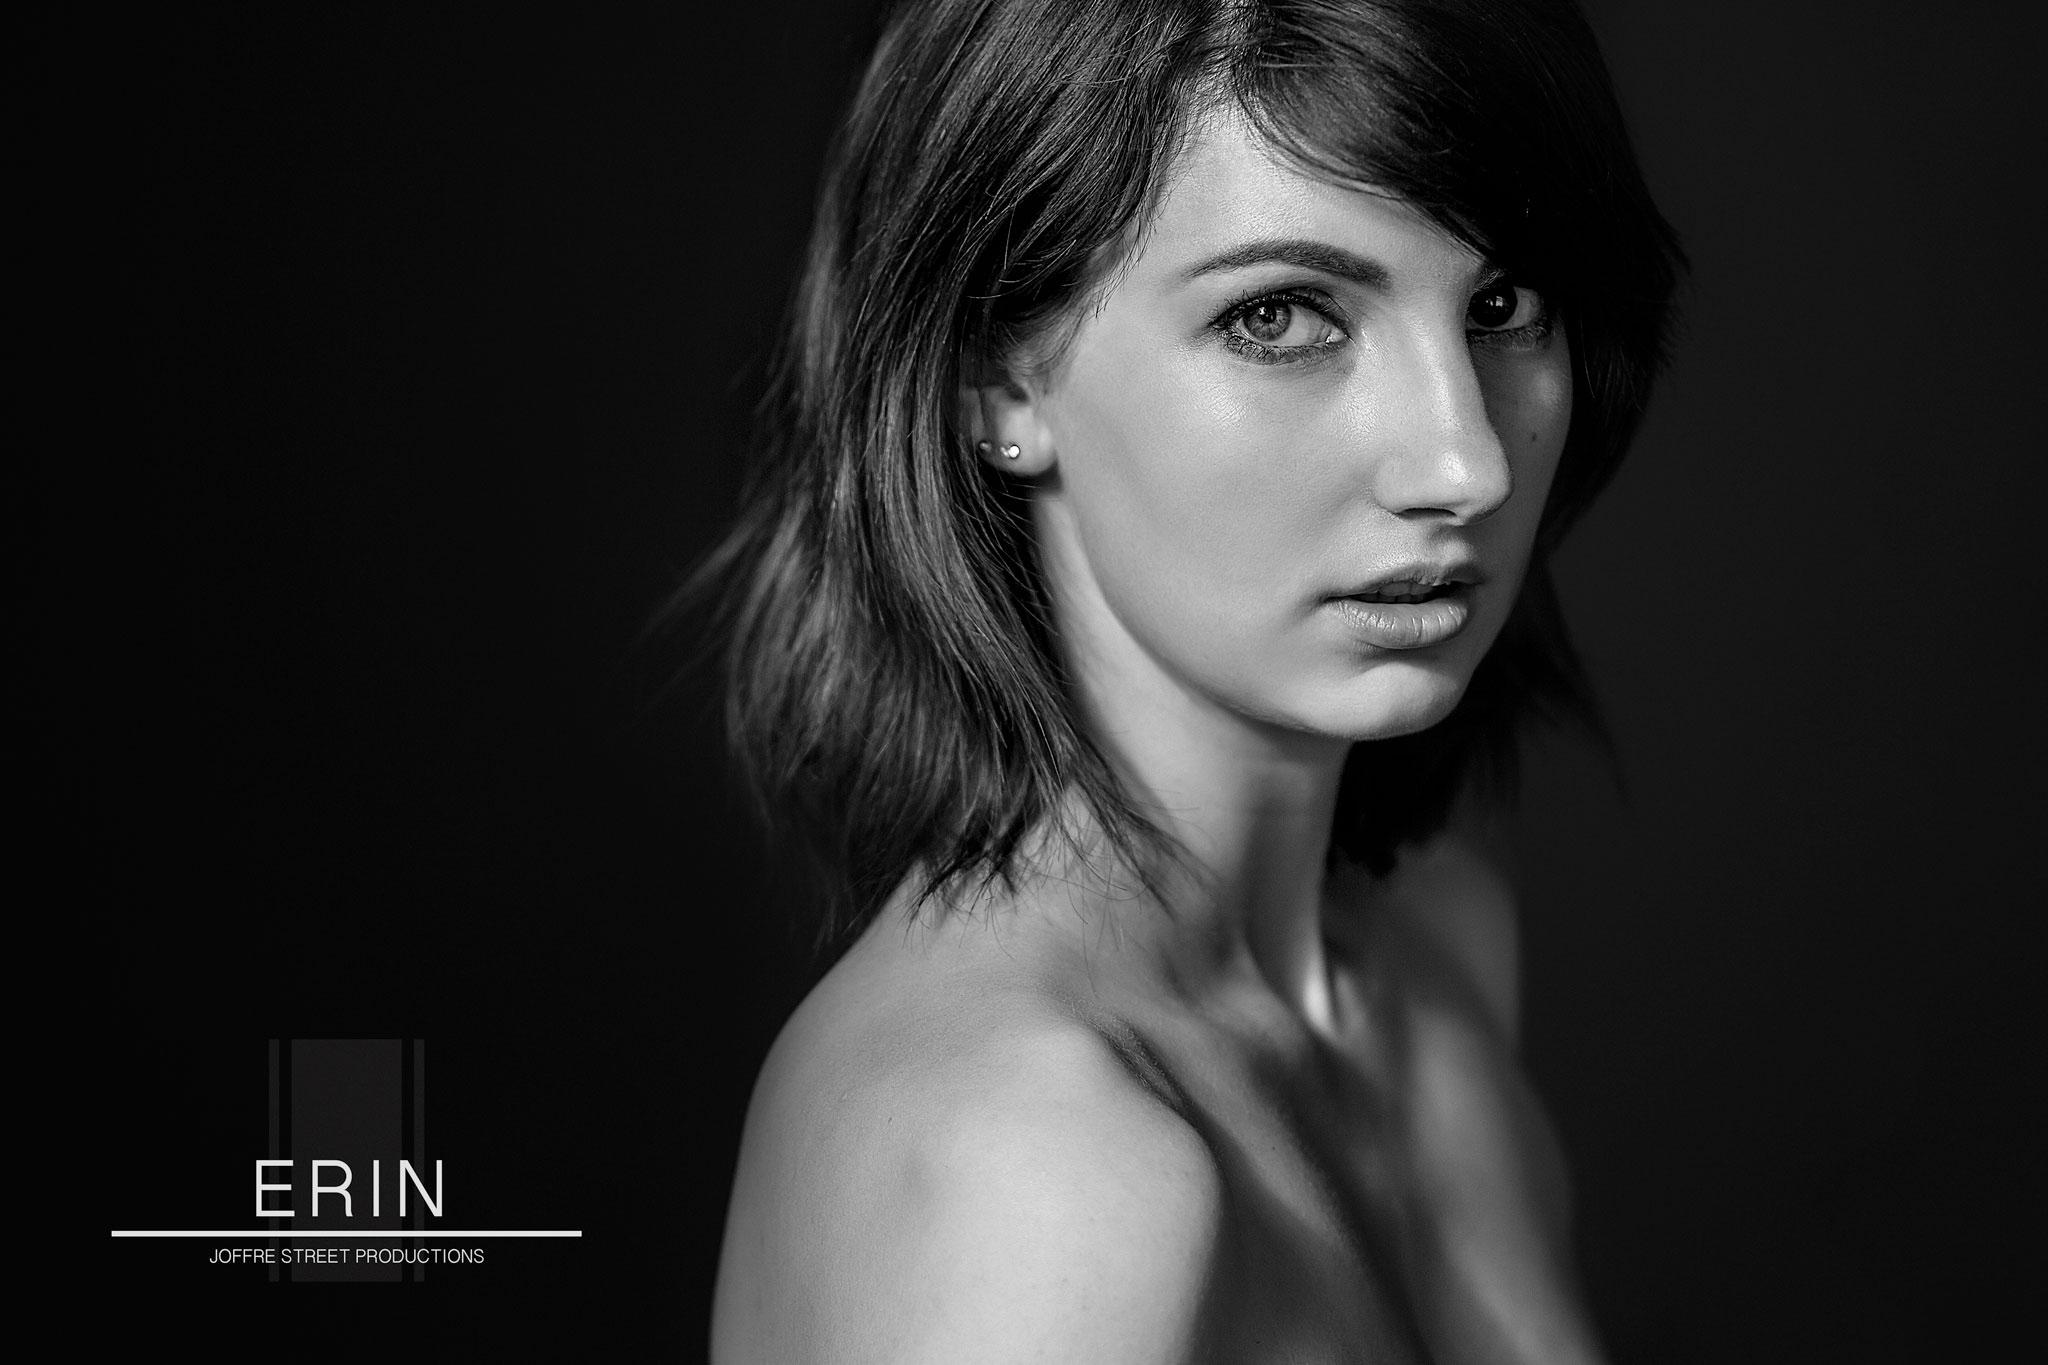 Erin 33